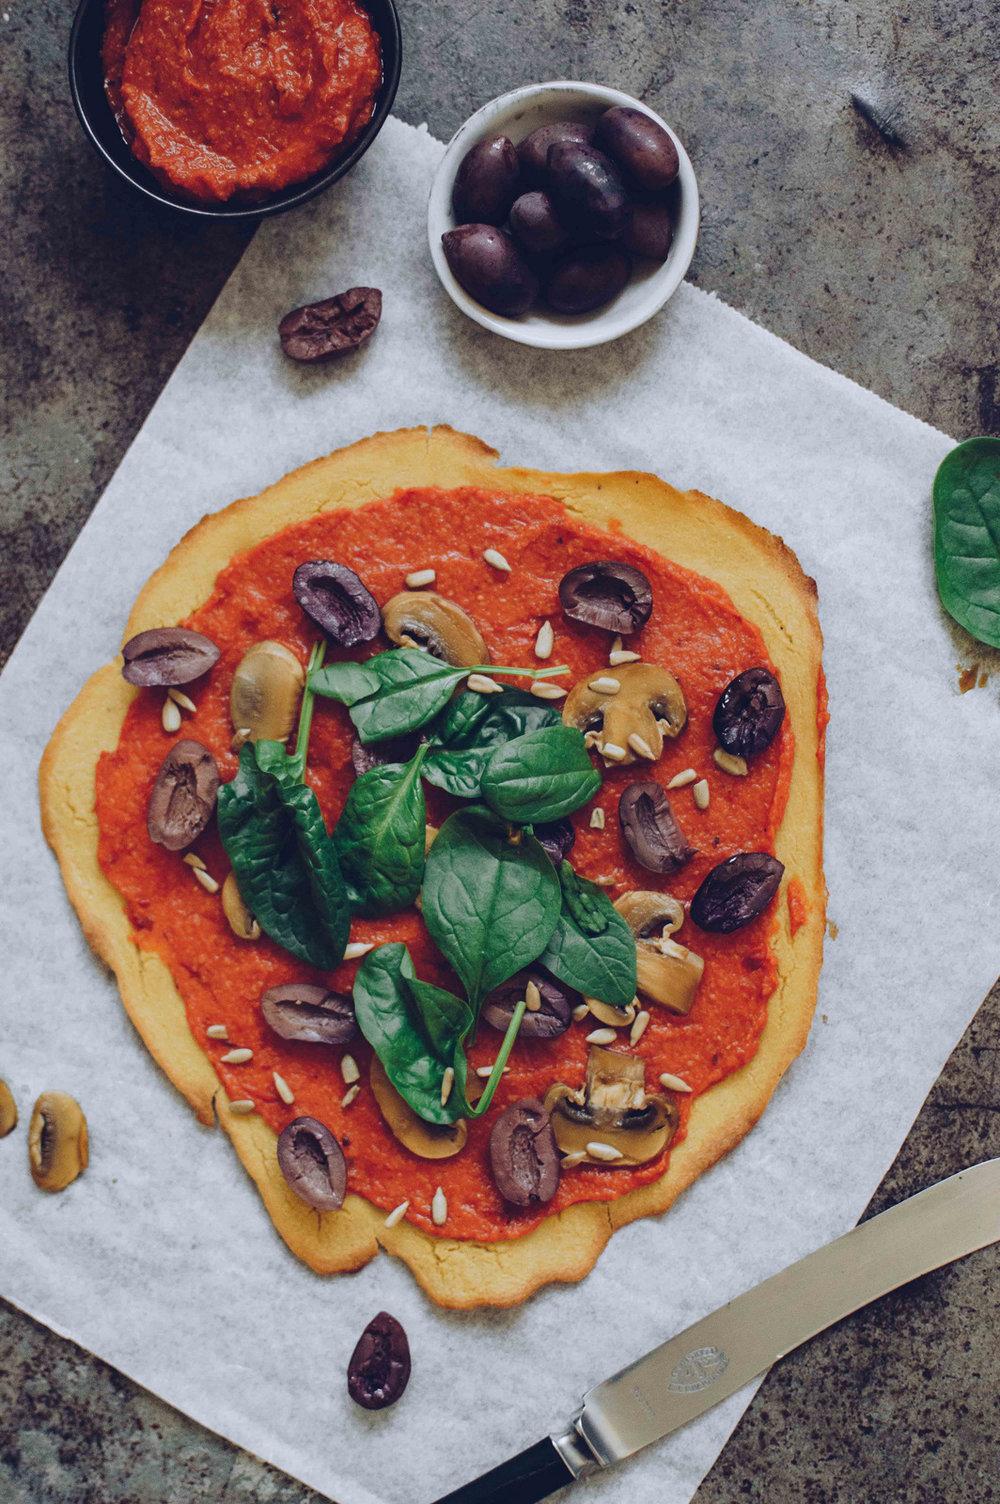 Socca比萨配甜椒酱和芝麻酱蘑菇|北欧厨房